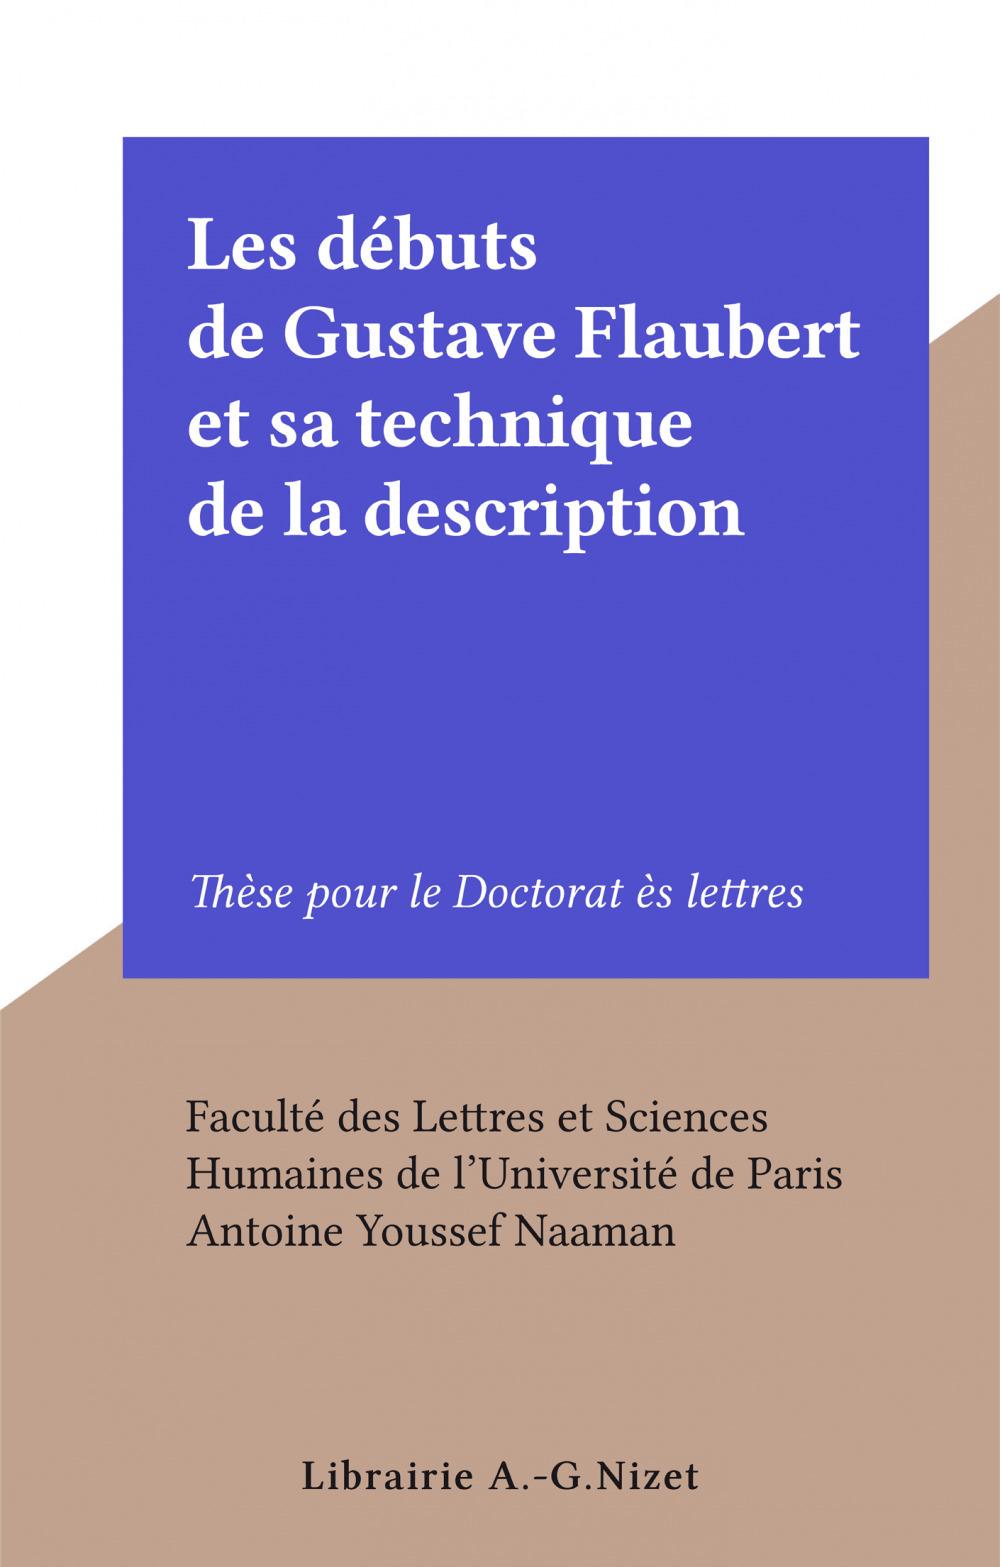 Les débuts de Gustave Flaubert et sa technique de la description